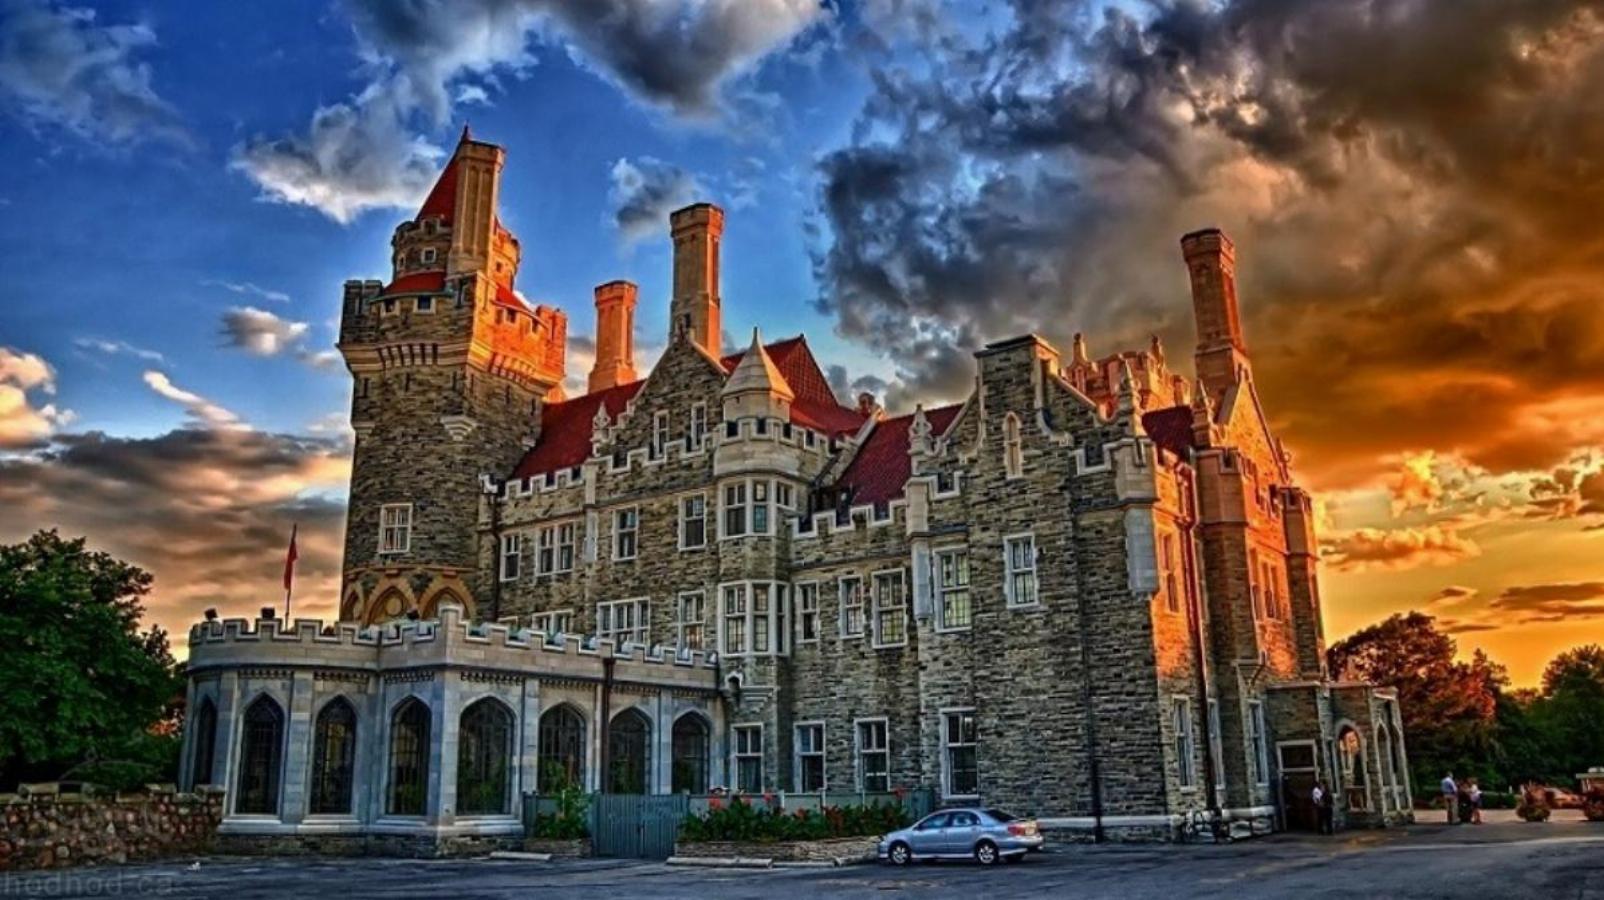 جاذبه های گردشگری کانادا: قصر كازا لوما تورنتو